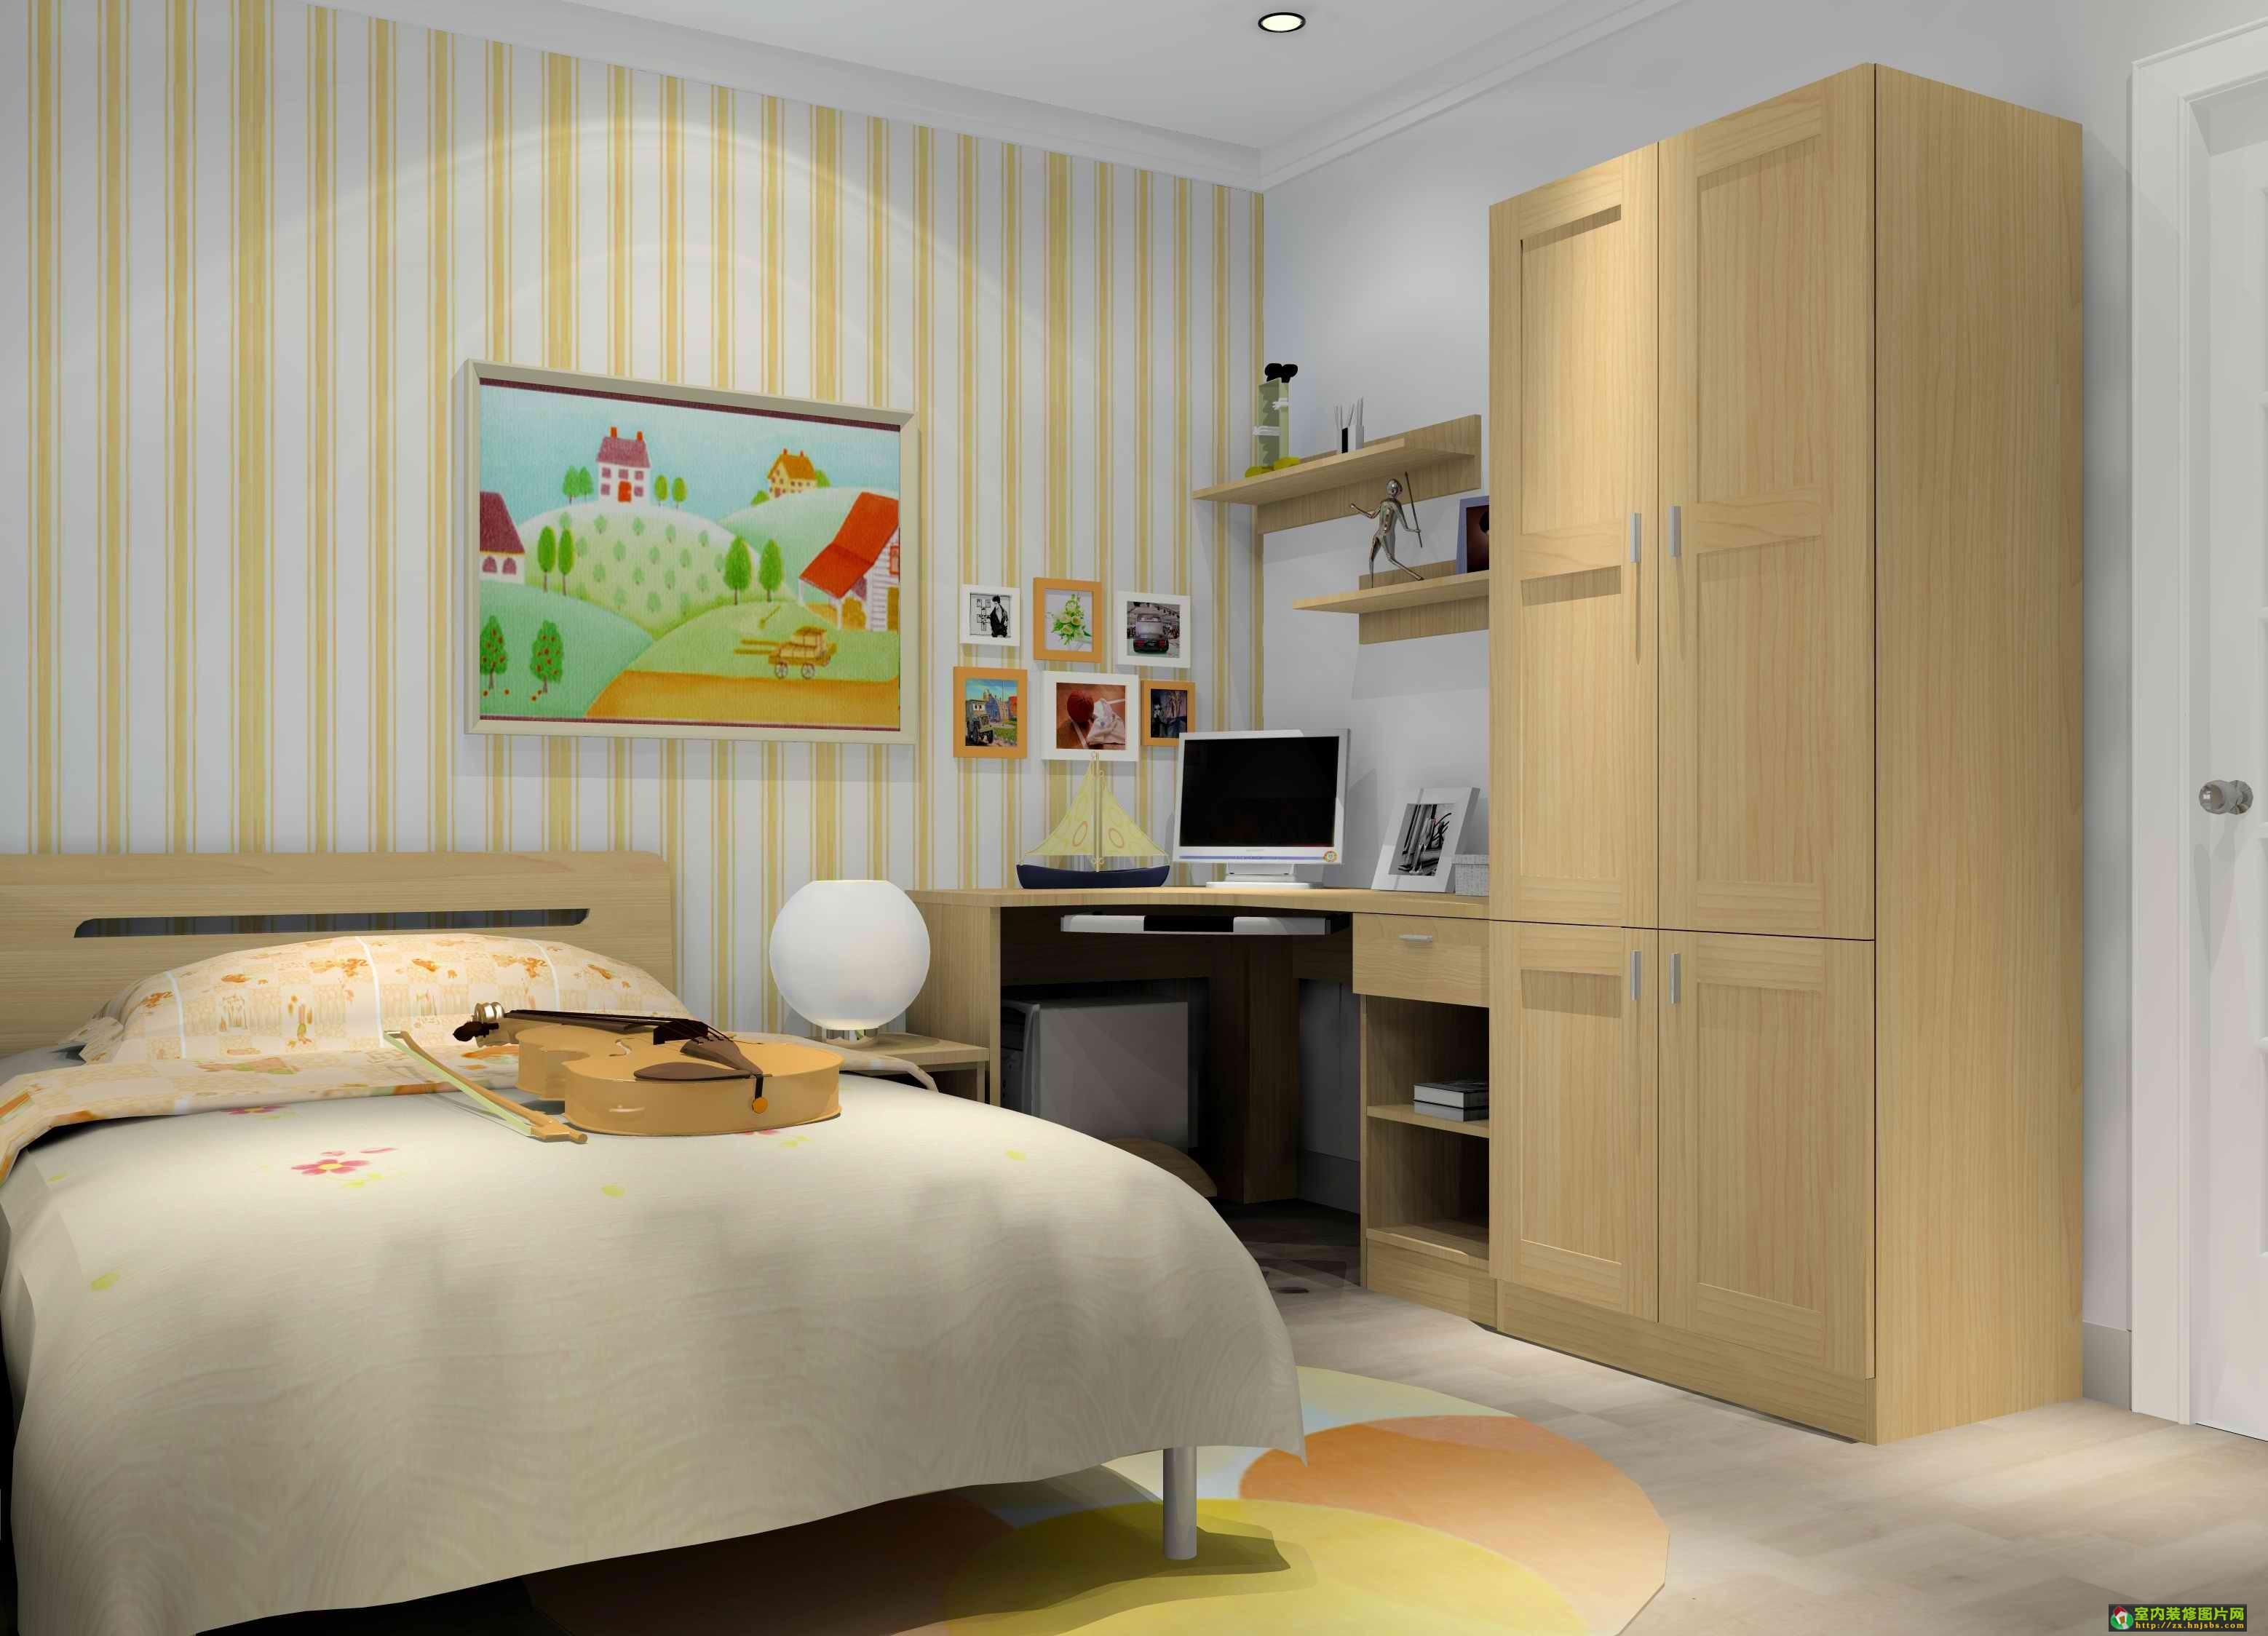 少年房装修效果图少男少女的房间应该是怎样的?